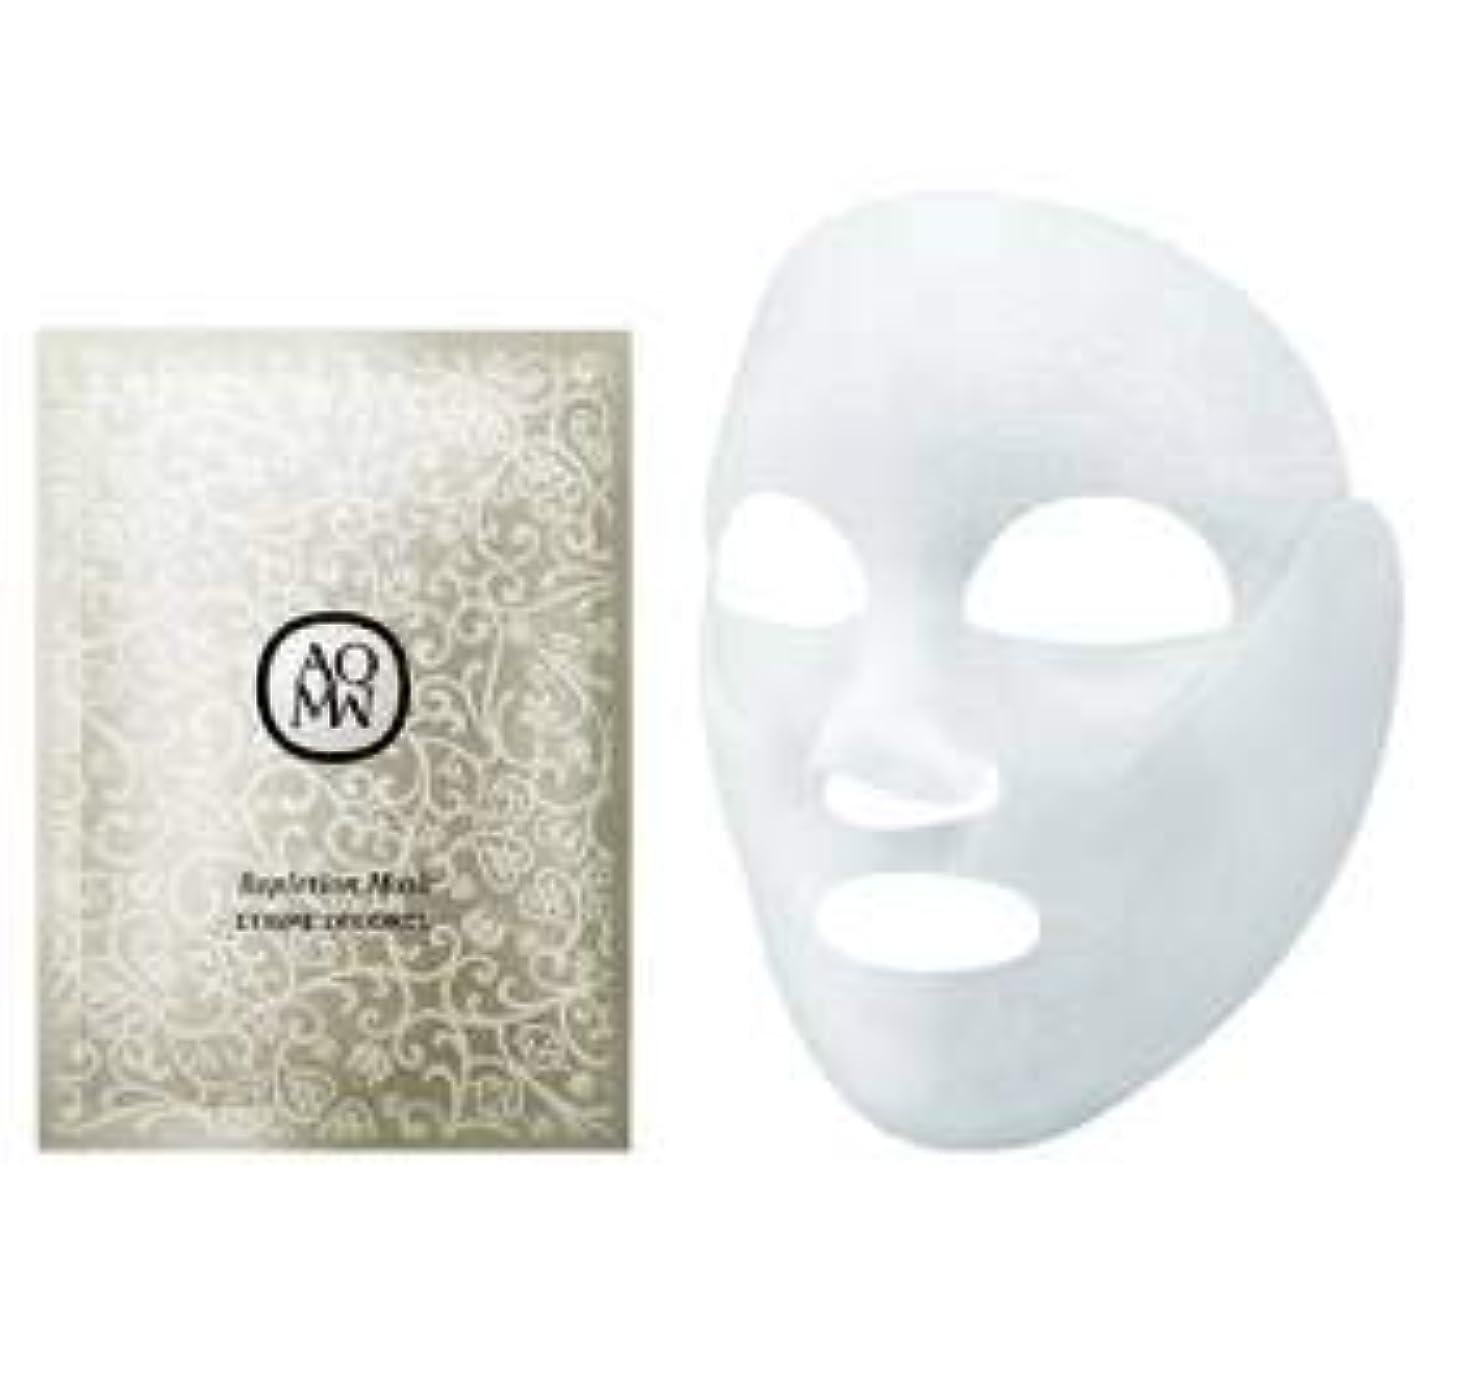 論理的学習者内側コスメデコルテ AQ MW レ プリション マスク(6枚入)